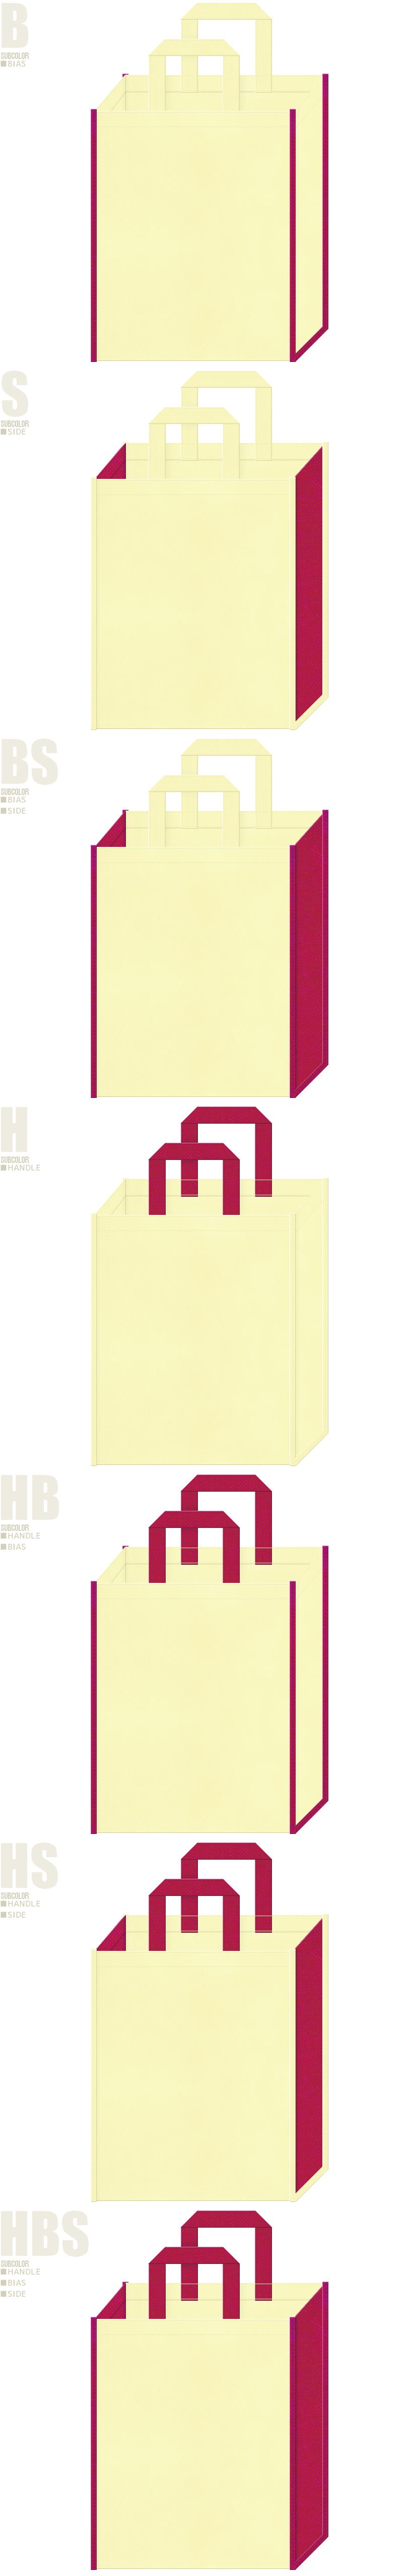 和風催事・ゲームのバッグノベルティにお奨めの、薄黄色と濃いピンク色、7パターンの不織布トートバッグ配色デザイン例。月・梅のイメージ